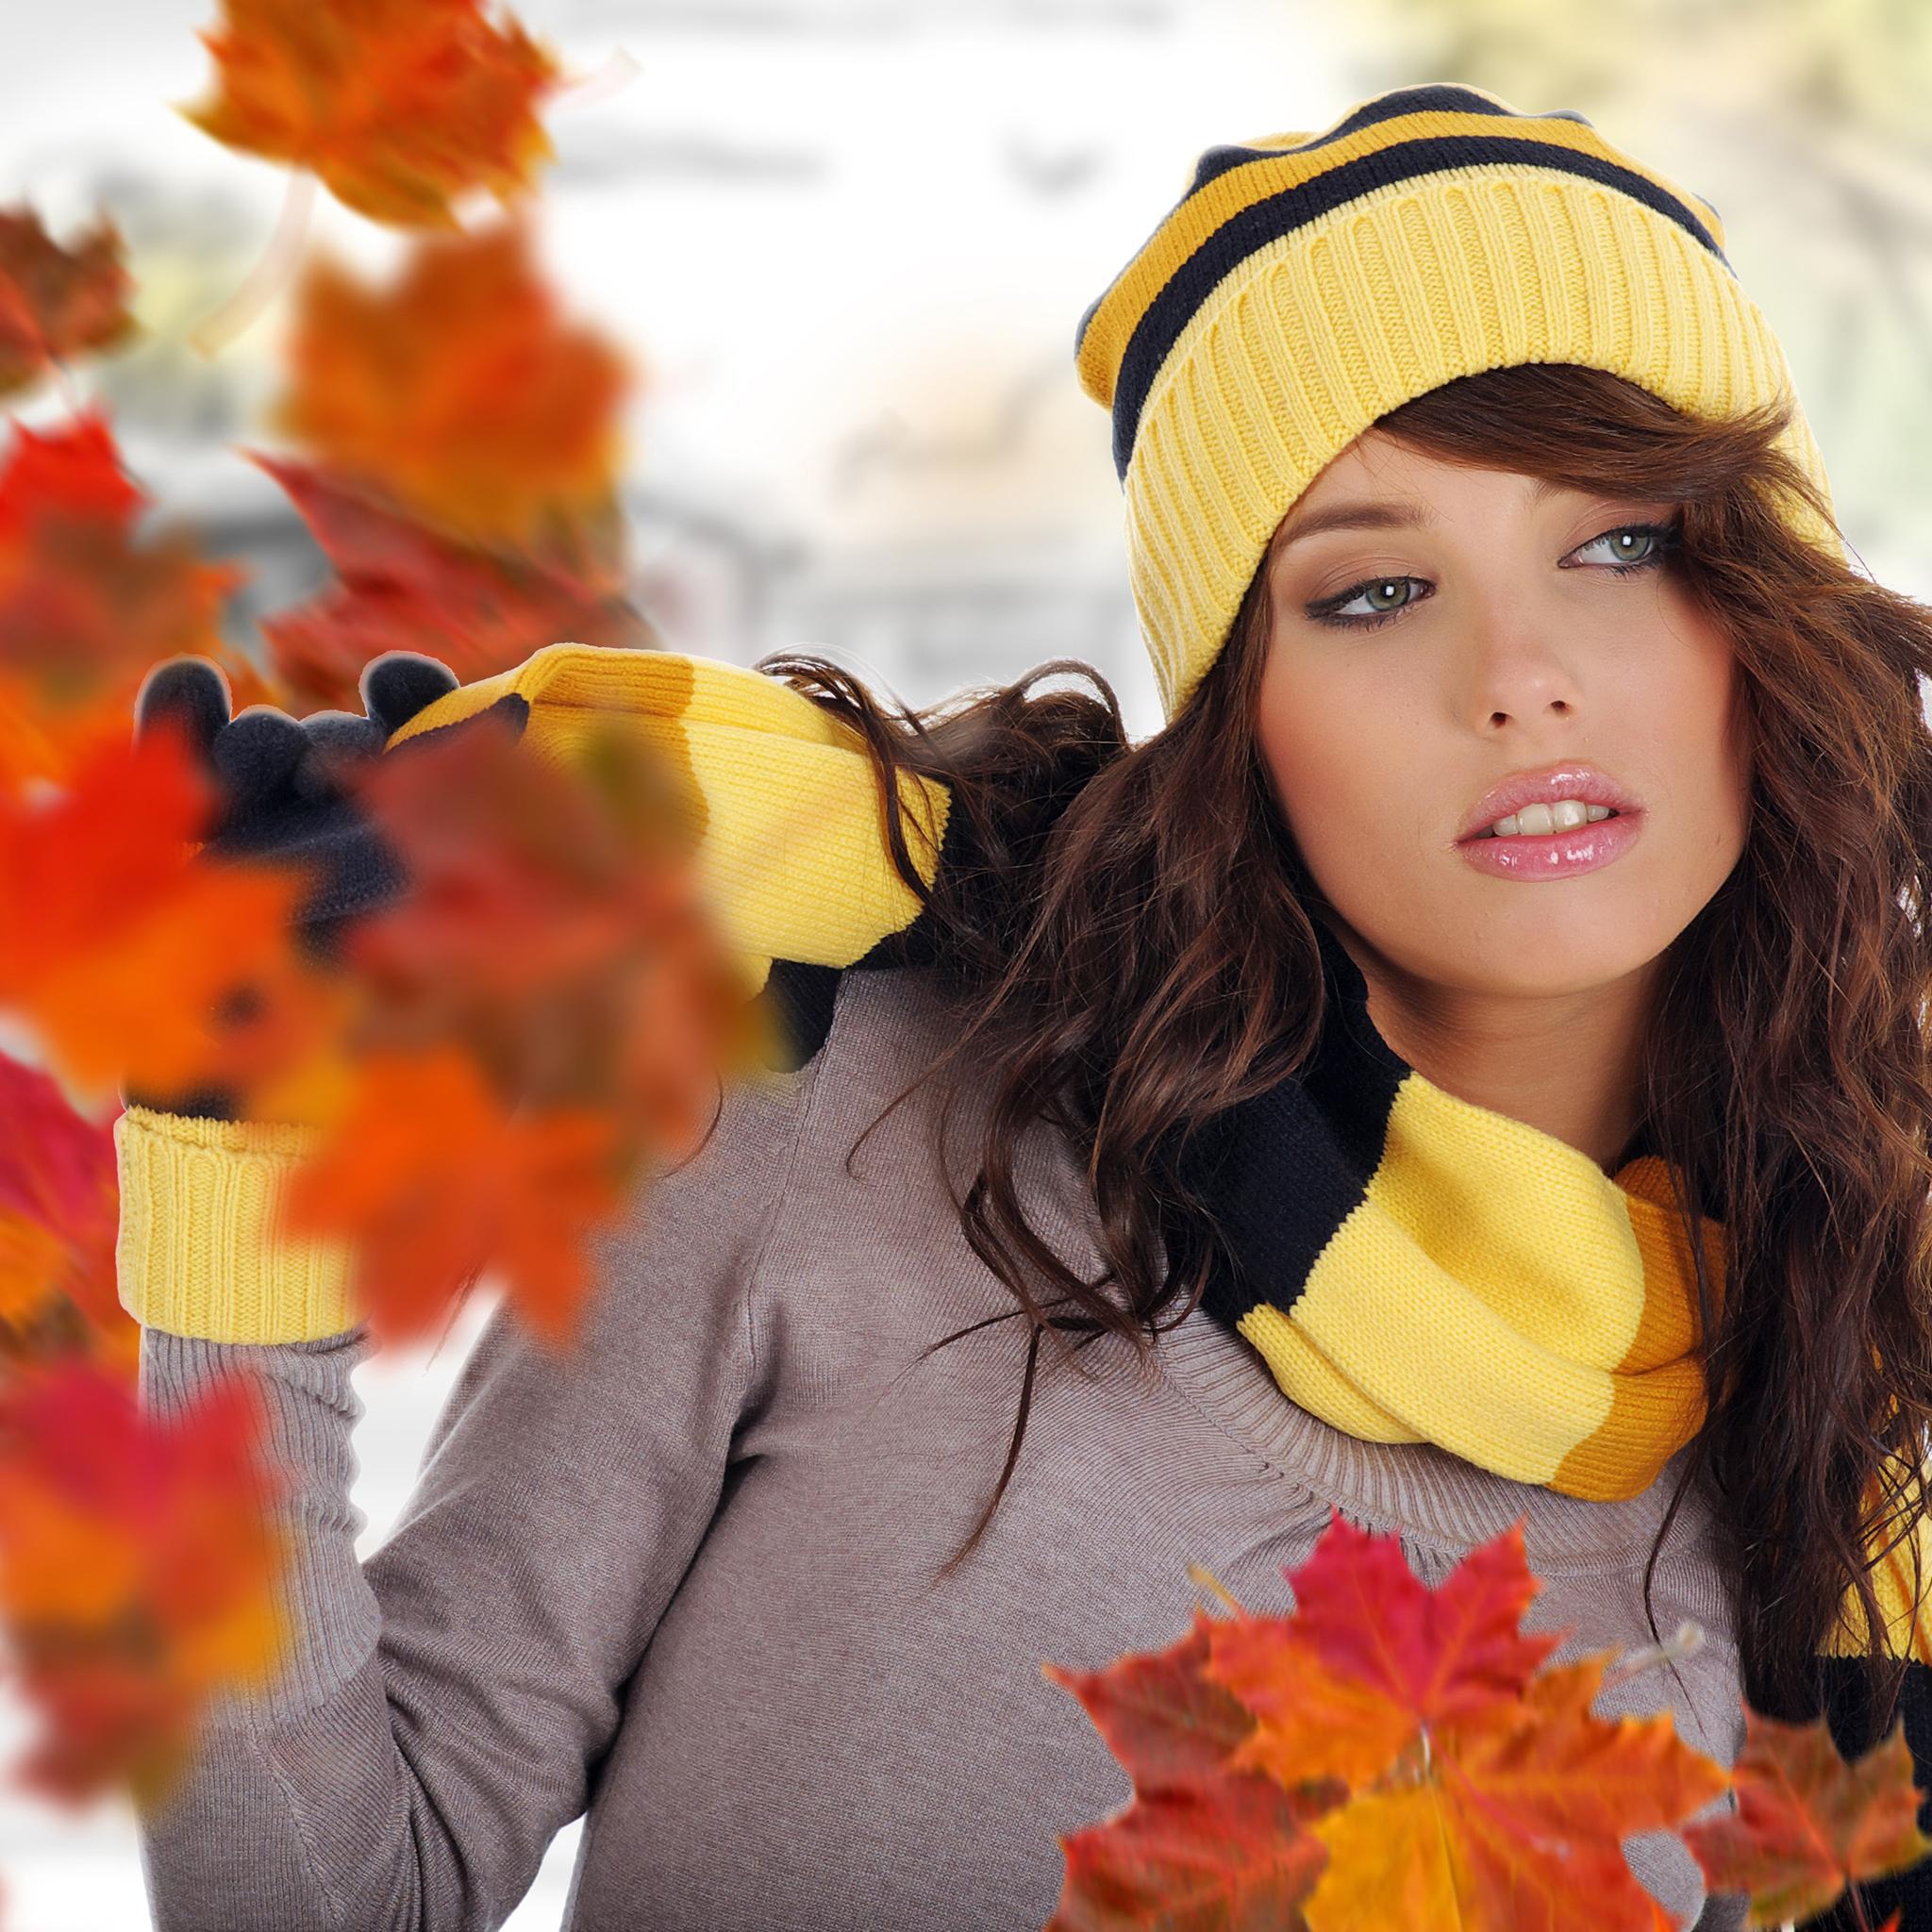 Autumn Girl 3Wallpapers iPad Retina Autumn Girl   iPad Retina